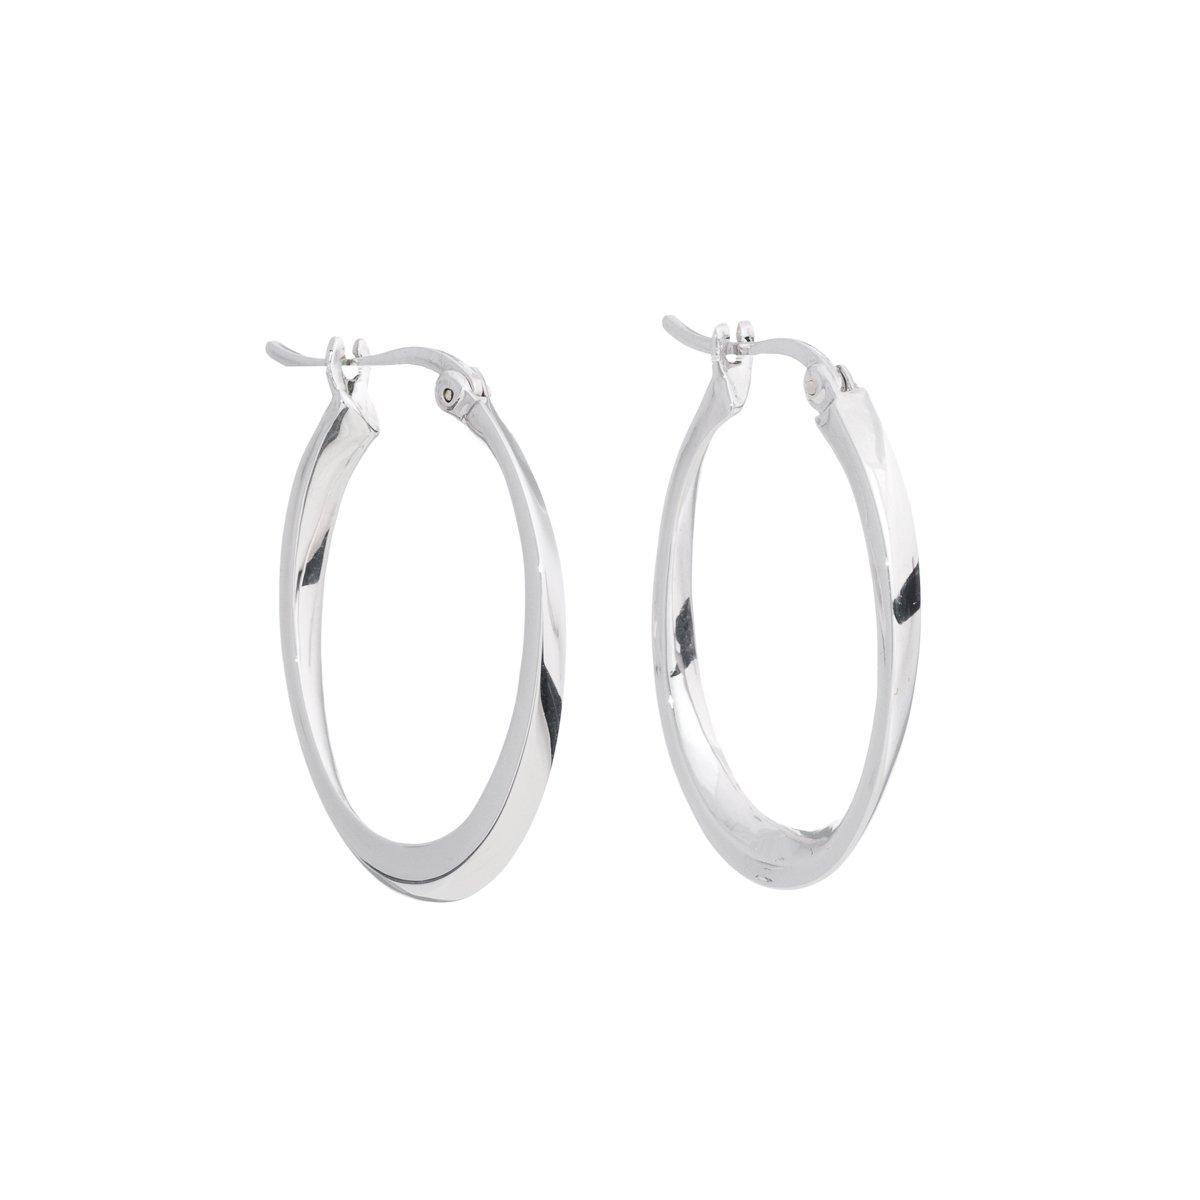 ''Orbit'' Earrings by AnnaLeece Jewelry- Made with SWAROVSKI ELEMENTS by AnnaLeeceJewelry